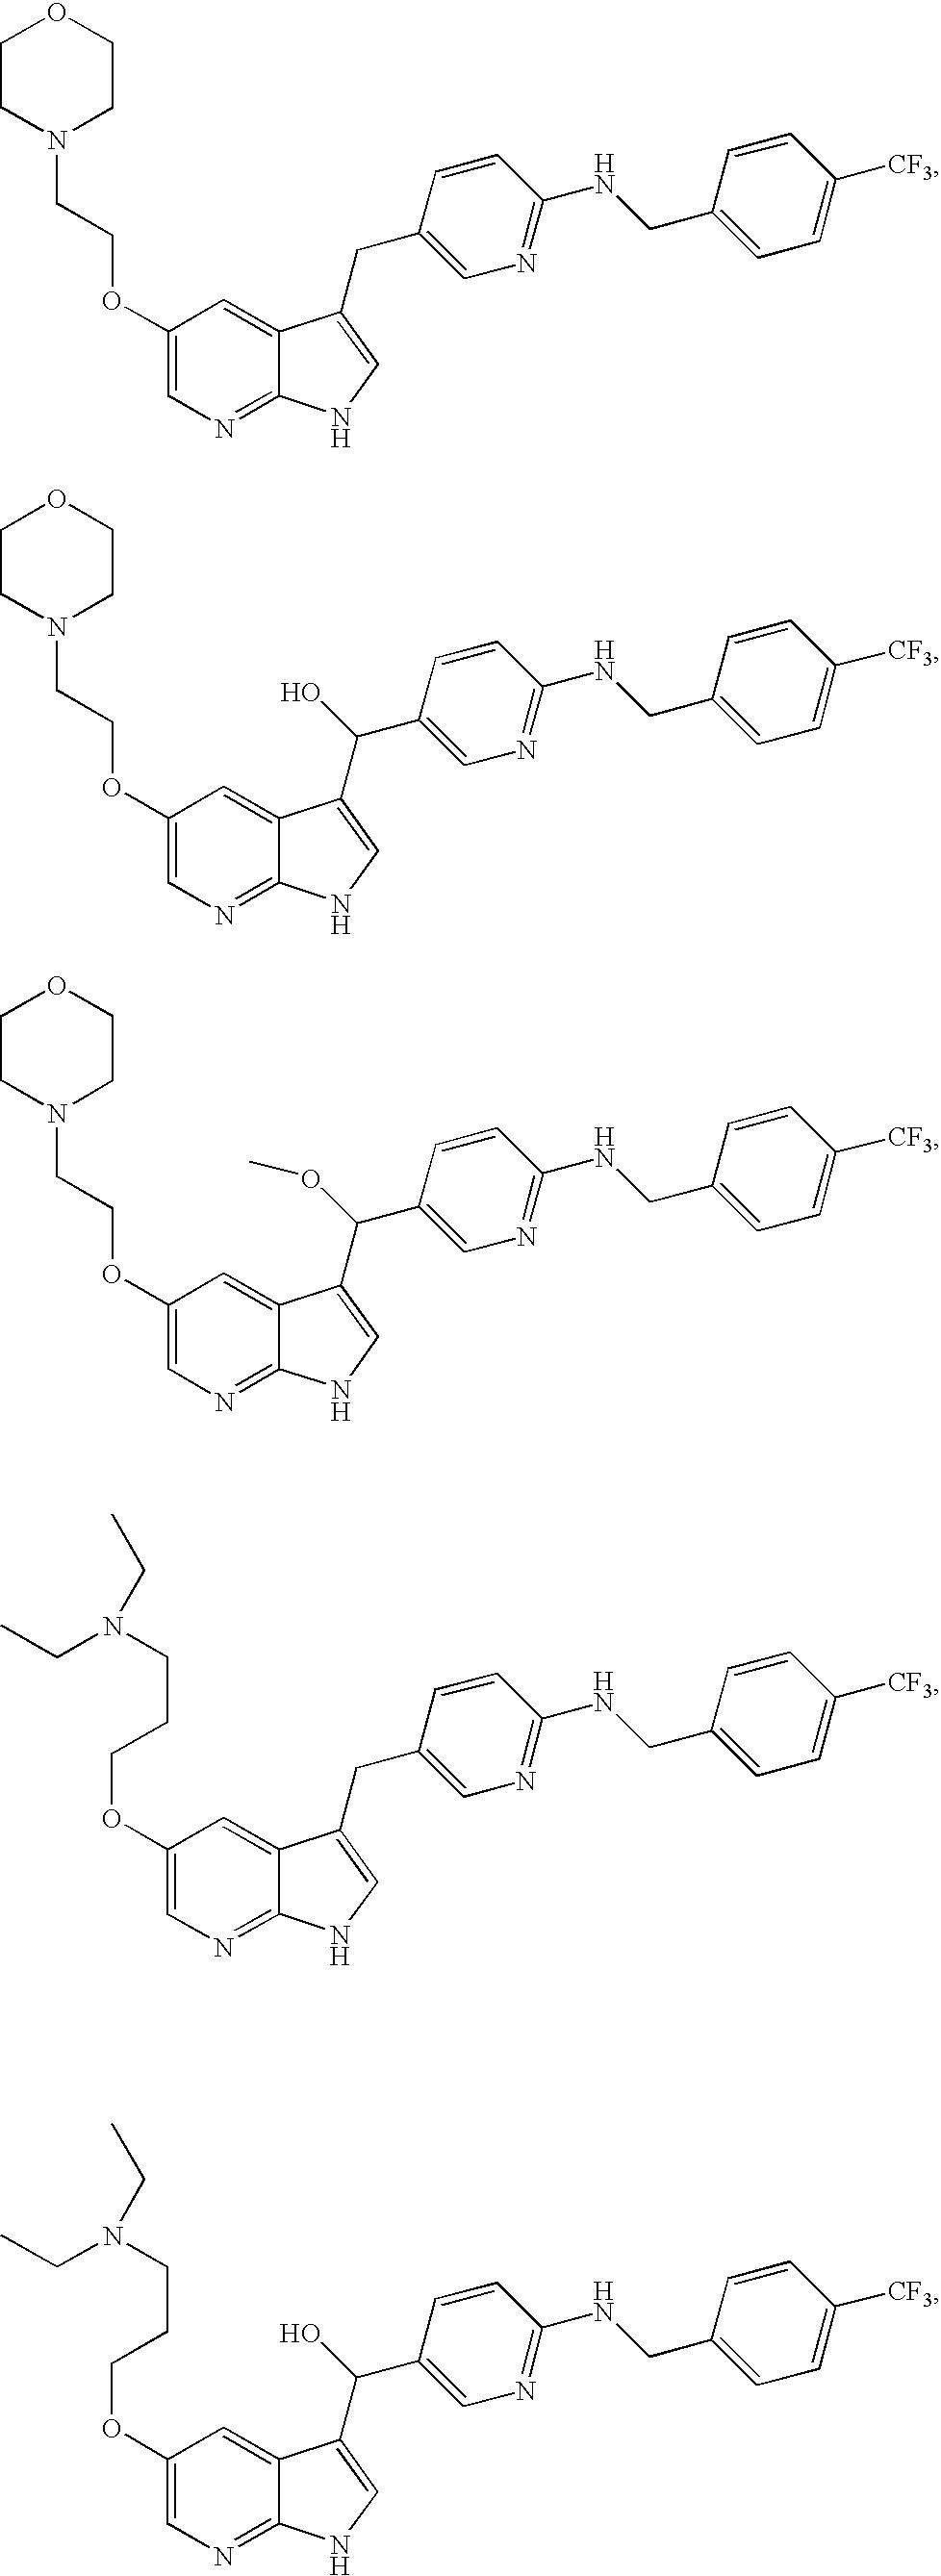 Figure US20080188514A1-20080807-C00006